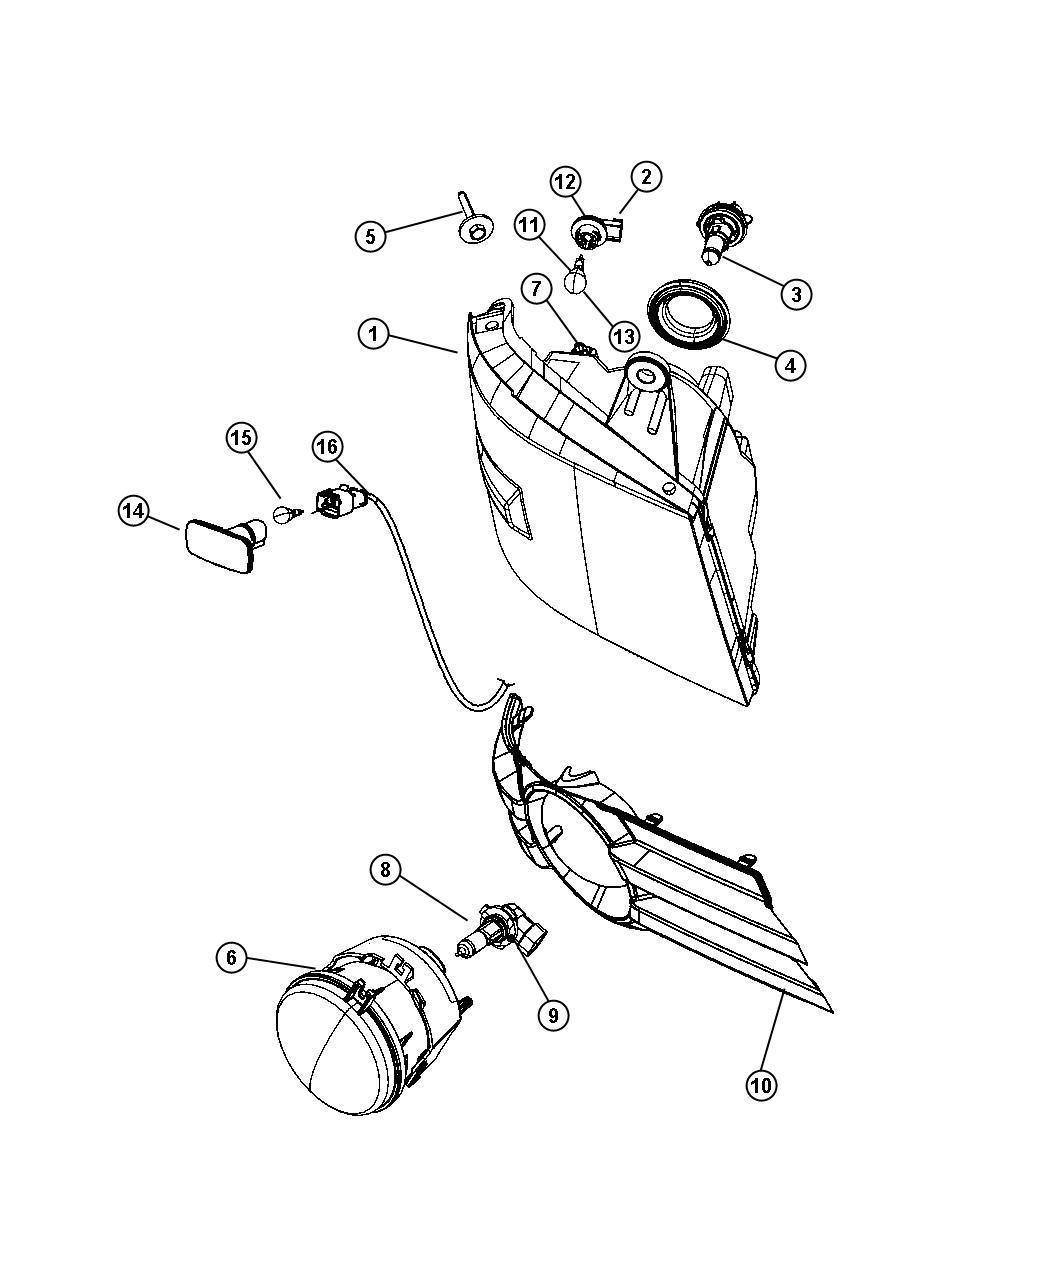 Dodge Grand Caravan Wiring. Side repeater lamp. Export